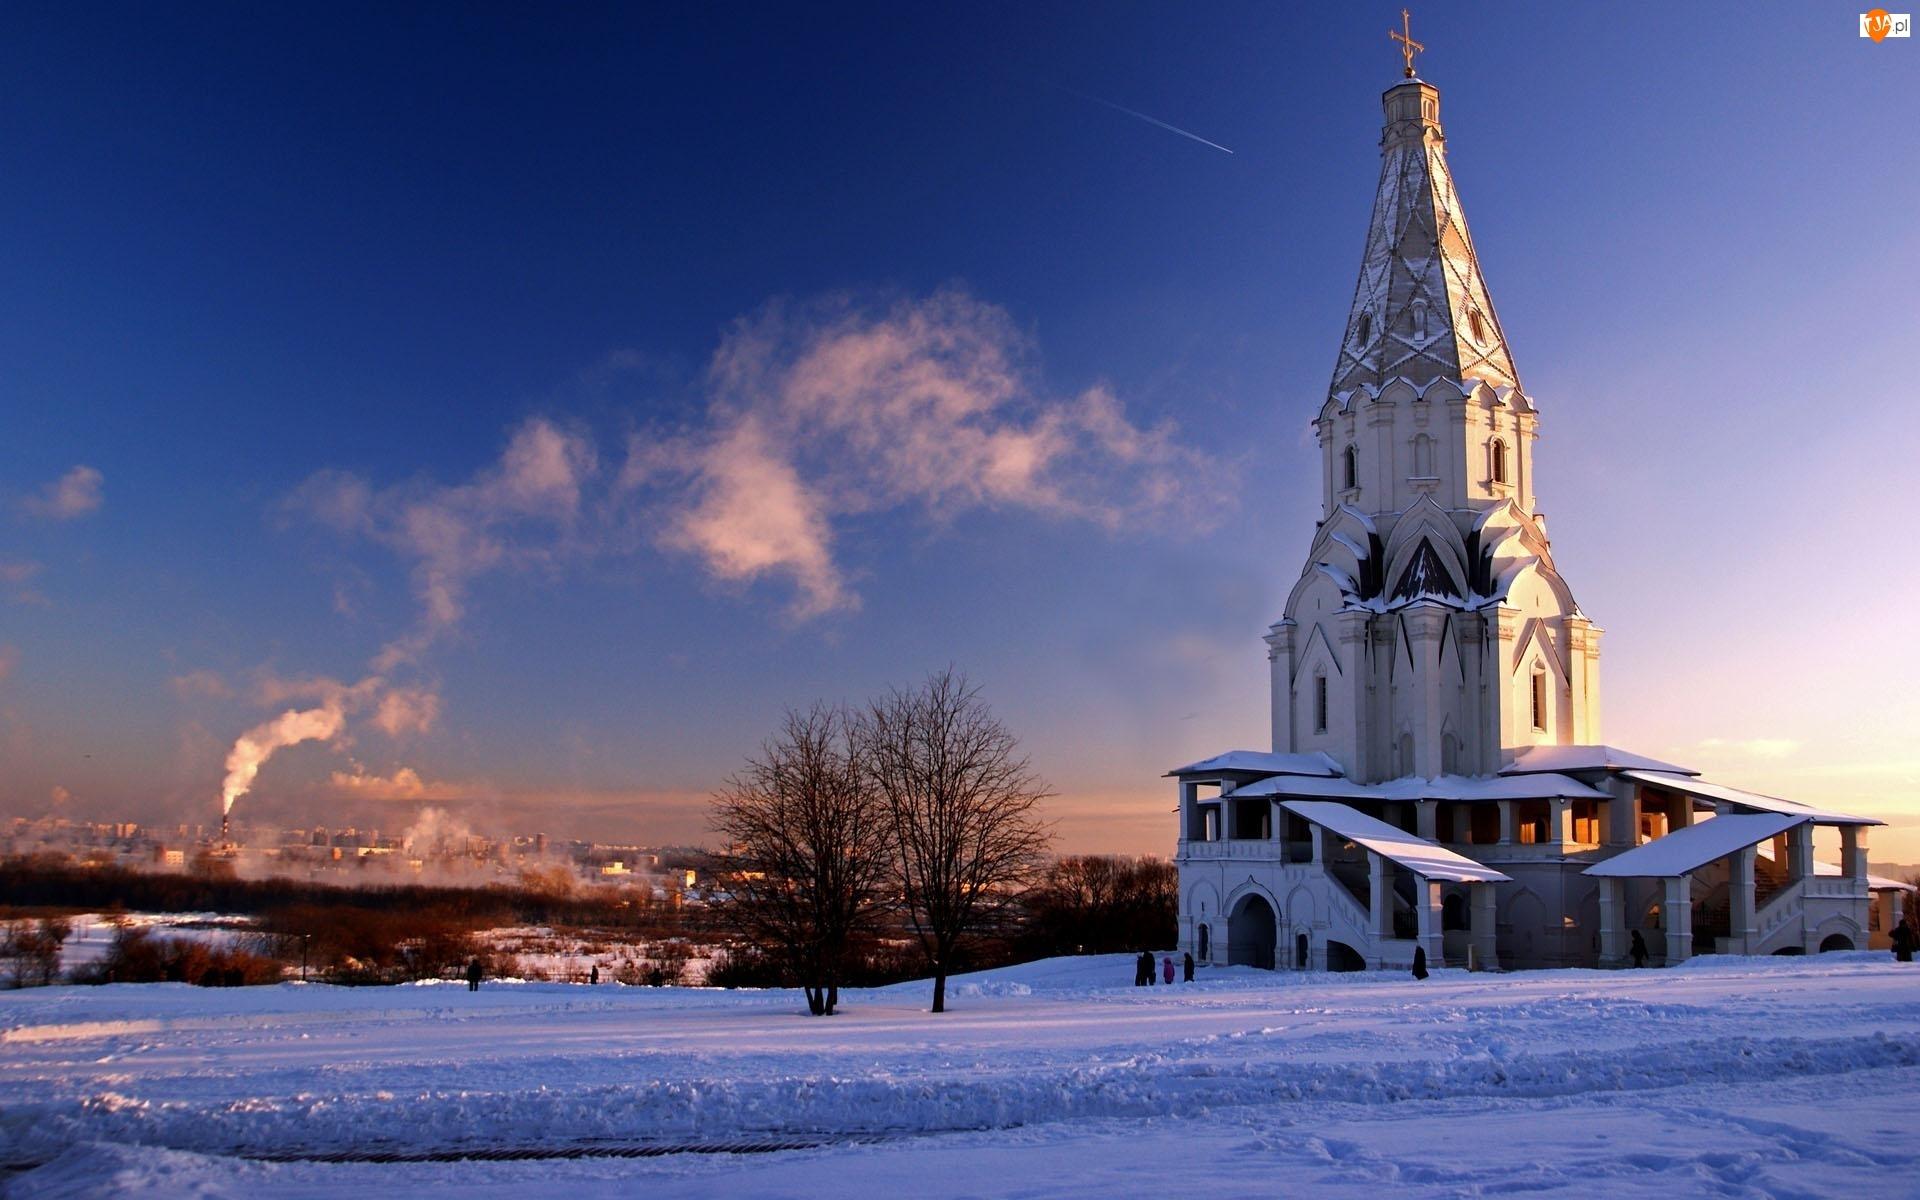 Zima, Rosja, Kościół, Moskwa, Drzewa